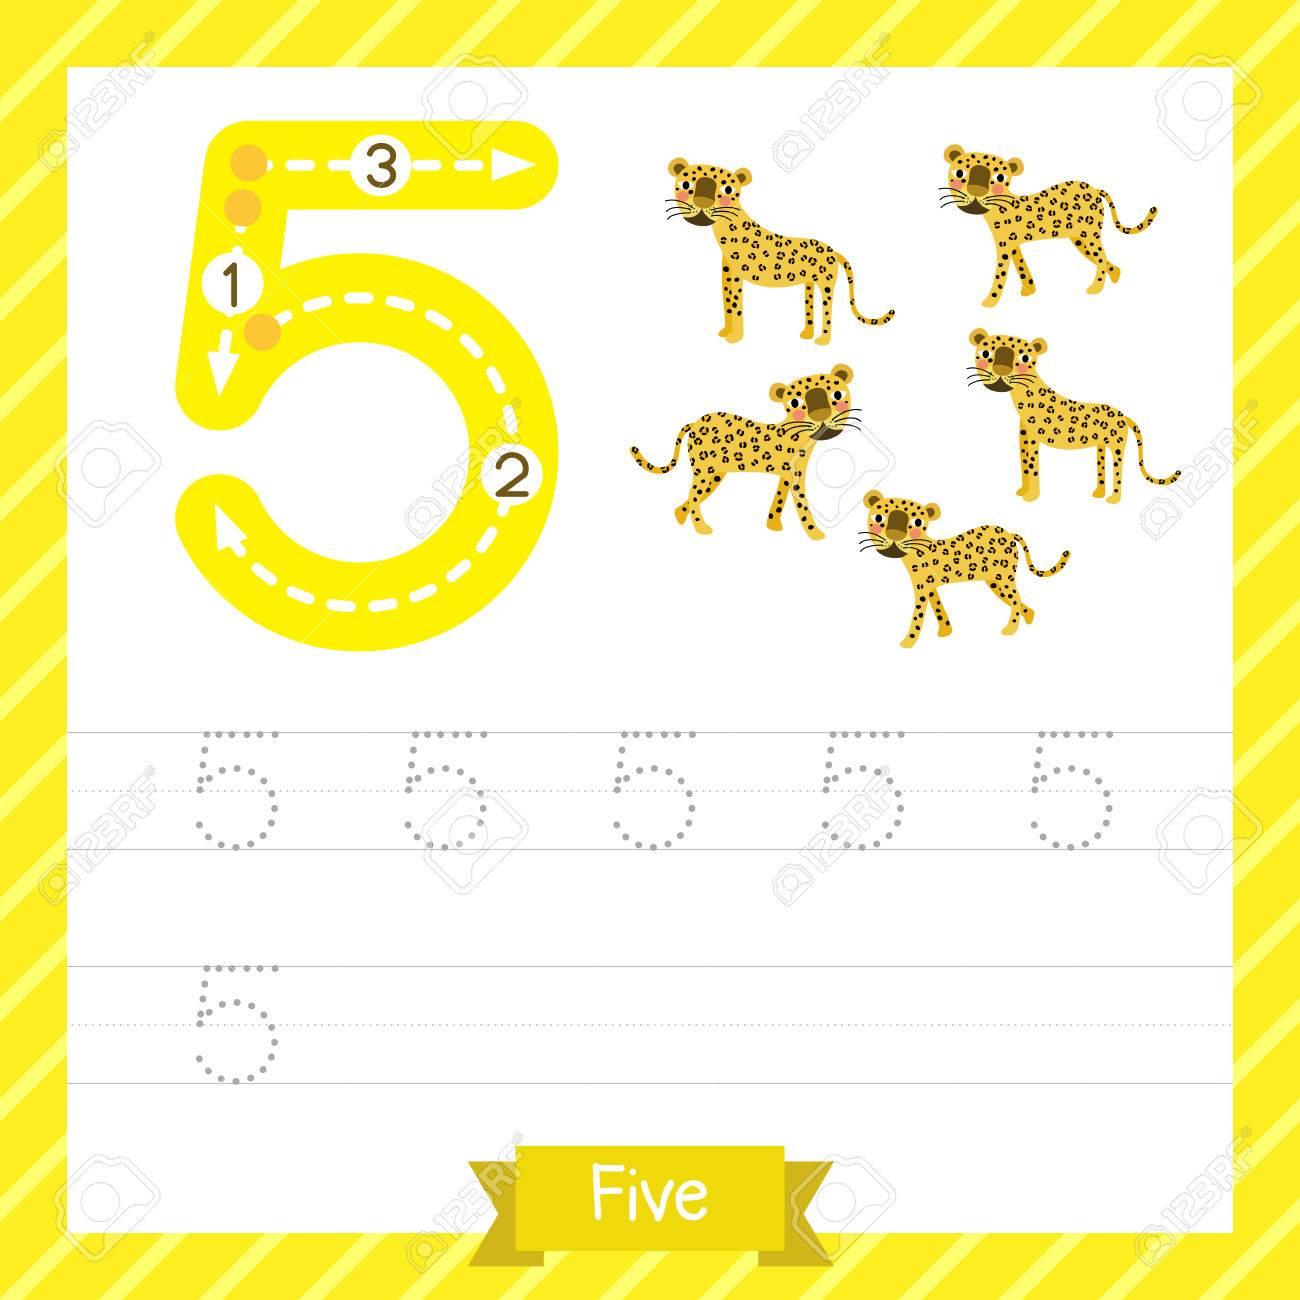 Nummer Fünf Tracing Praxis Arbeitsblatt Mit 5 Tigern Für Kinder ...